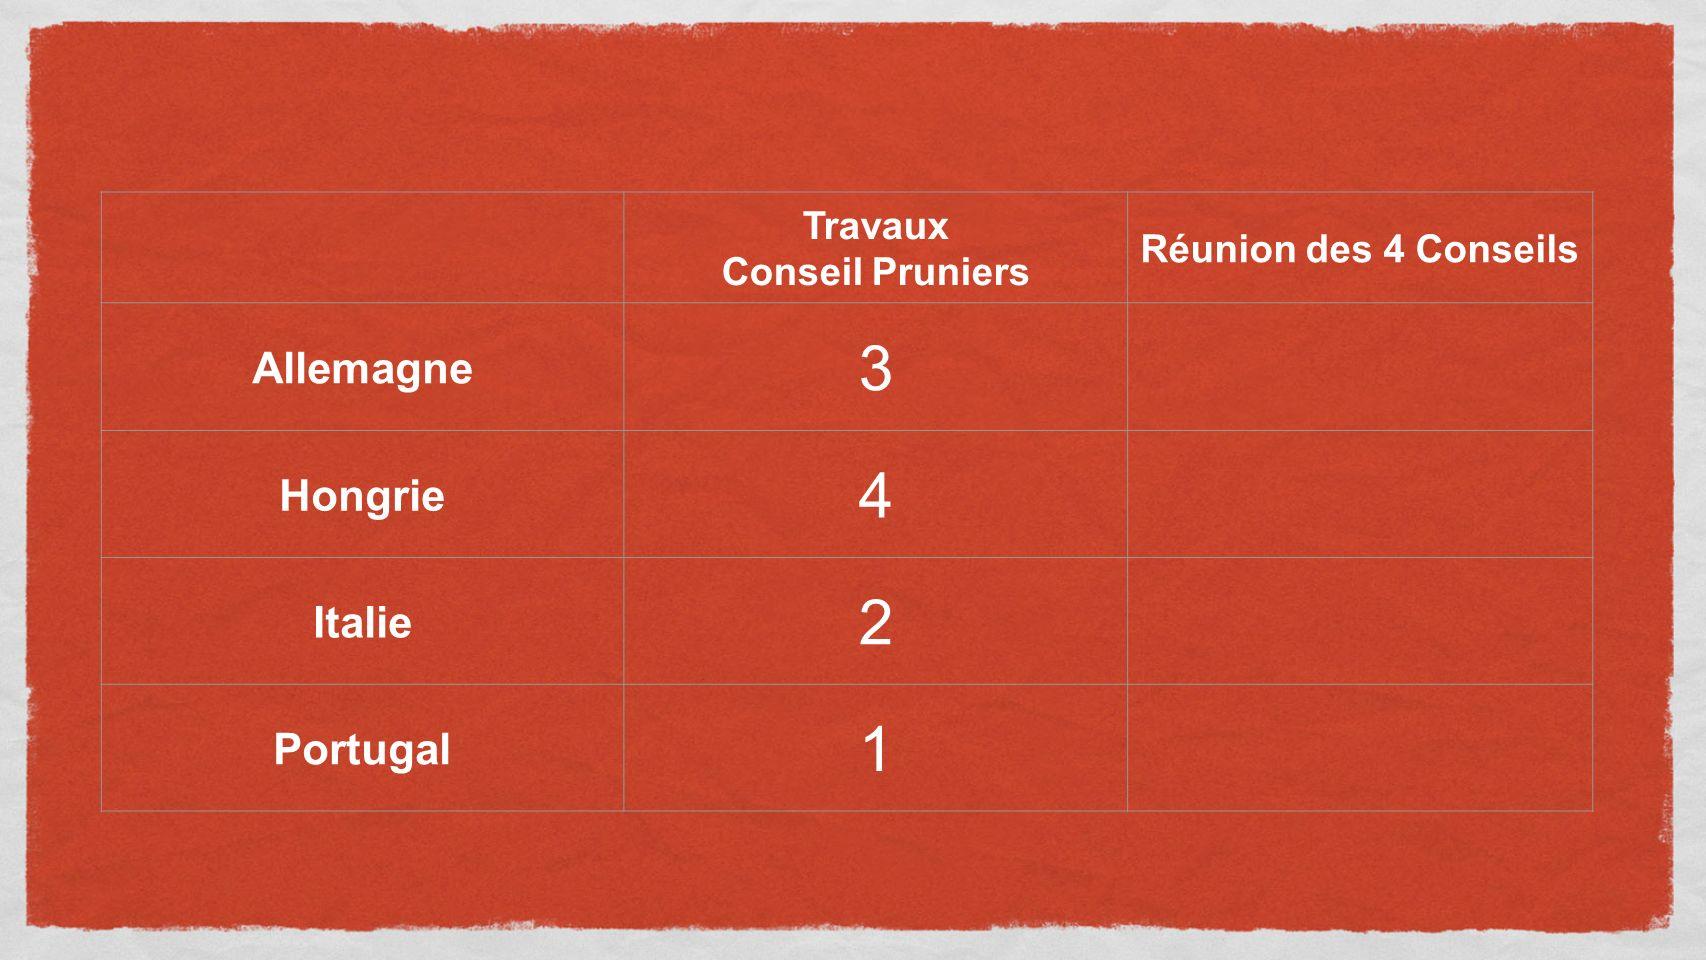 Travaux Conseil Pruniers Réunion des 4 Conseils Allemagne 3 Hongrie 4 Italie 2 Portugal 1